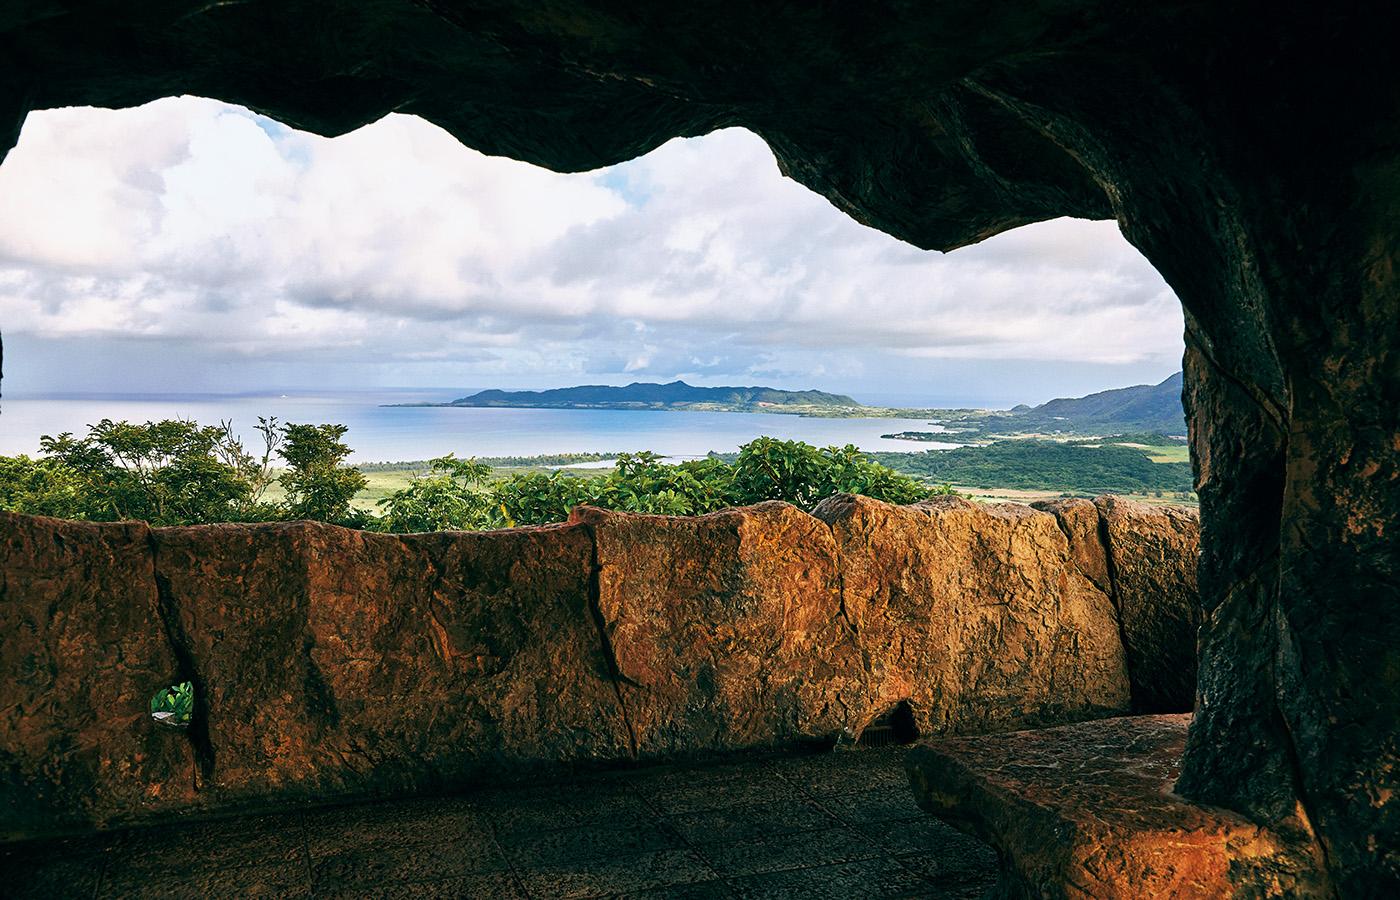 石垣島バンナ公園内の「南の島の展望台」。ゴツゴツとした岩をデザインした展望台がユニーク。全方位パノラマビューで、日中だけでなく夜景や星空を眺める人気スポットでもある。角度によって西表島まで見渡せる。